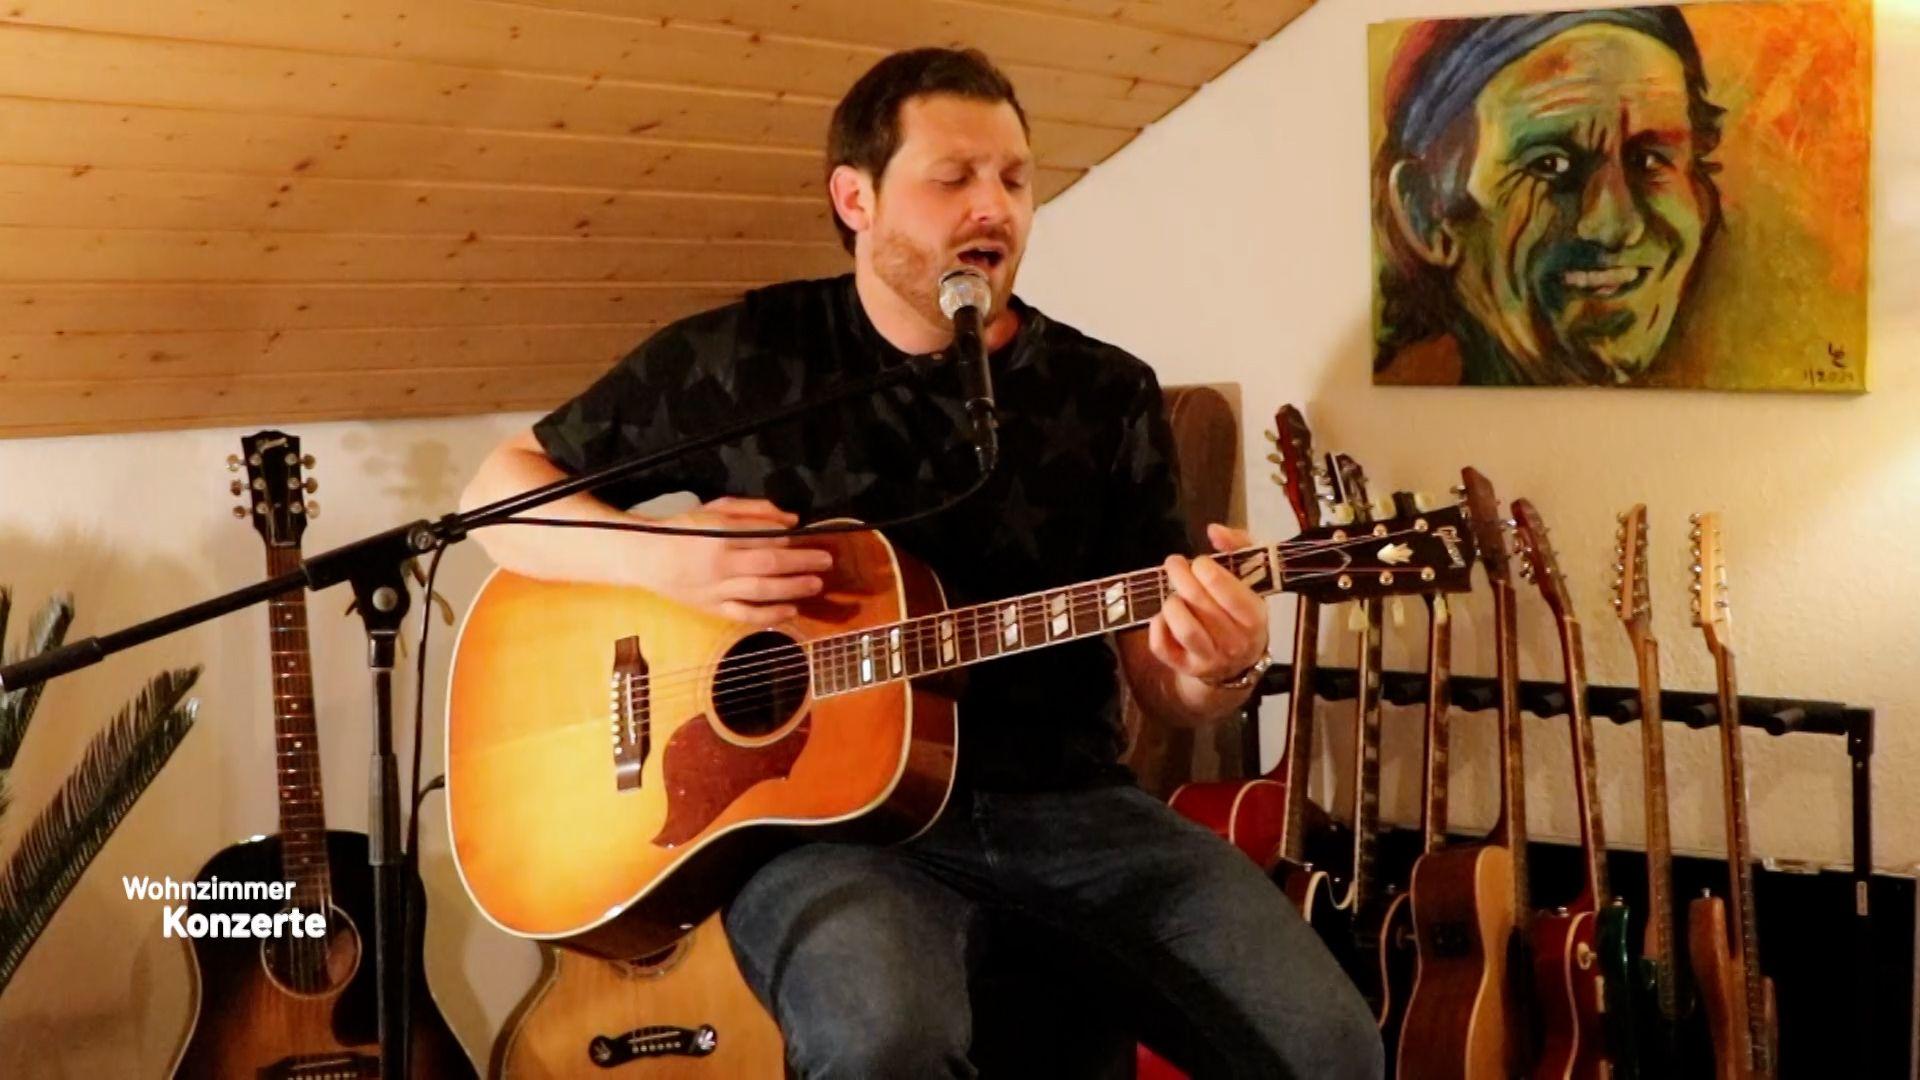 Zweites Konzert mit dem Popsänger Michael Eb aus Lauffen am Neckar